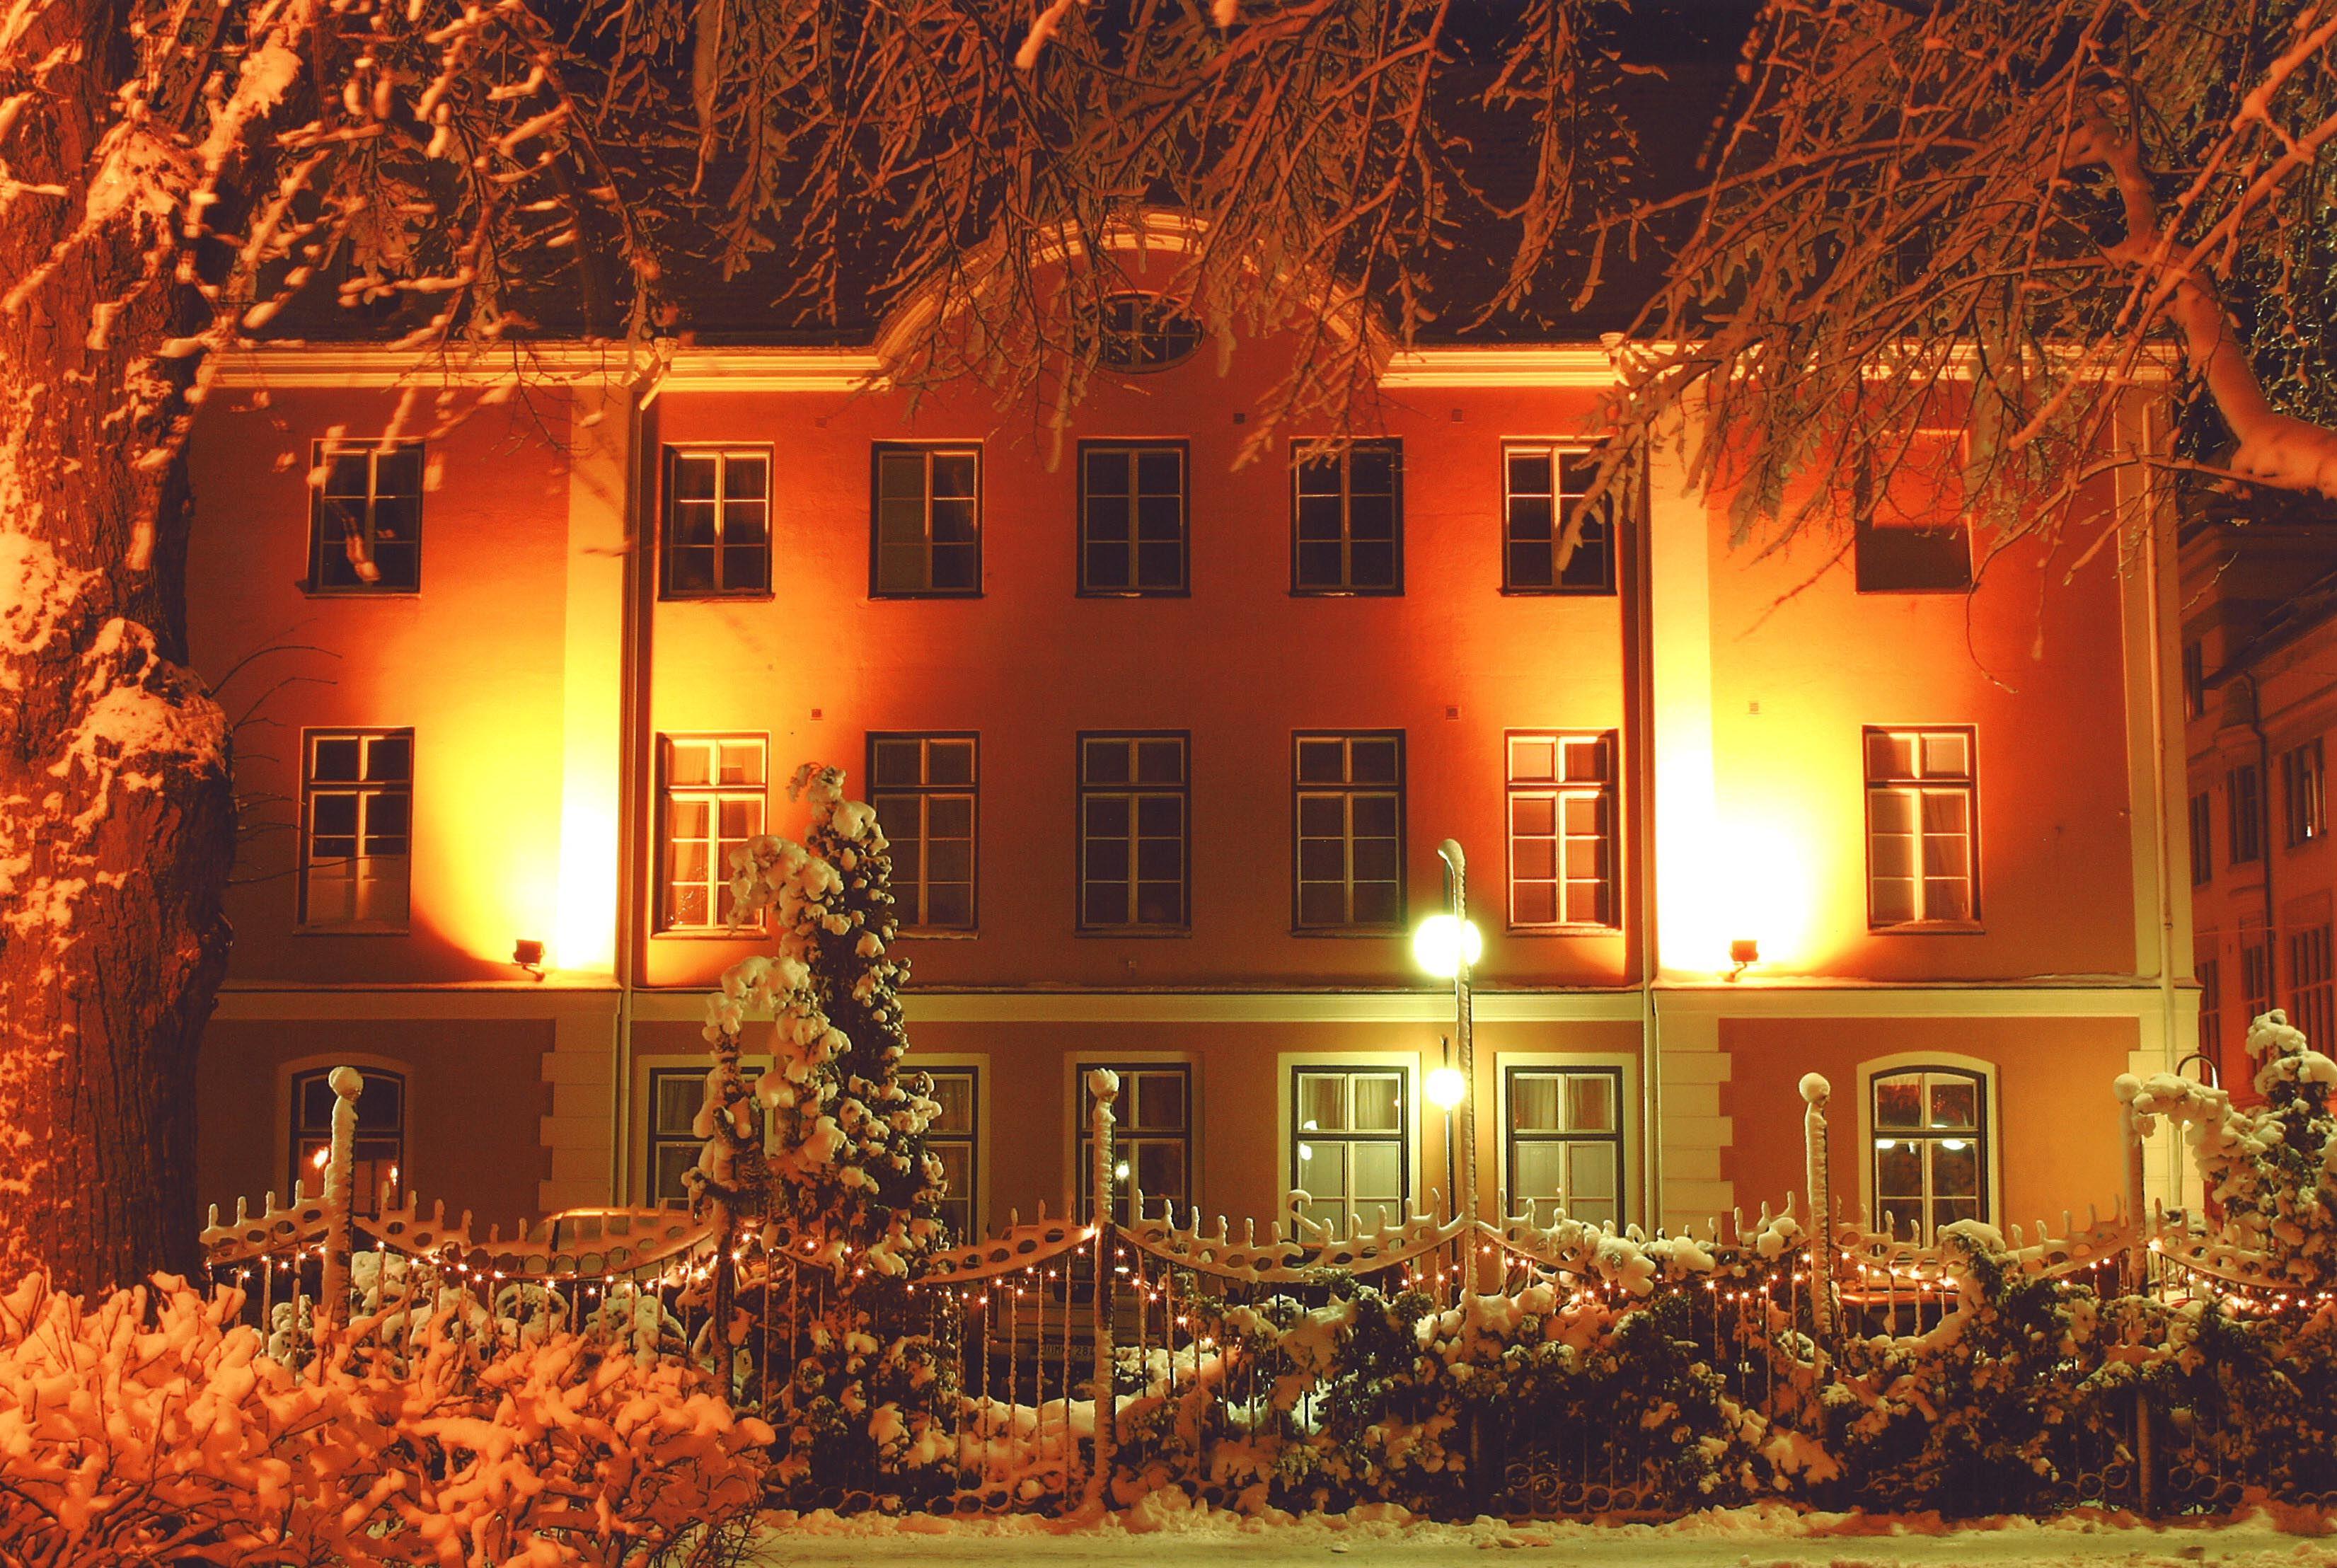 Skara Stadshotell **** - centrum för konferens och nöje